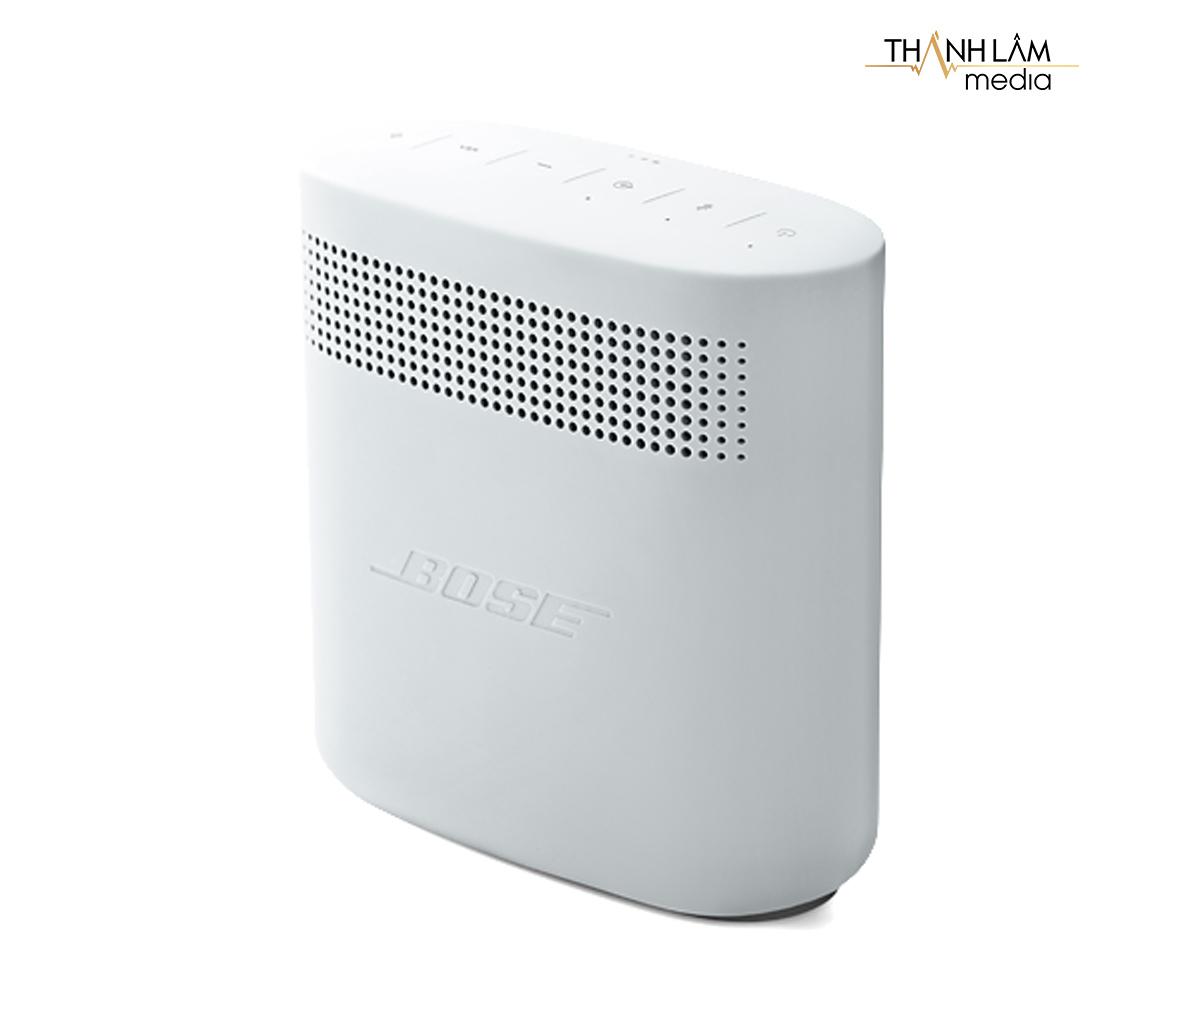 Loa-Bose-SoundLink-Color-2-Trang-1